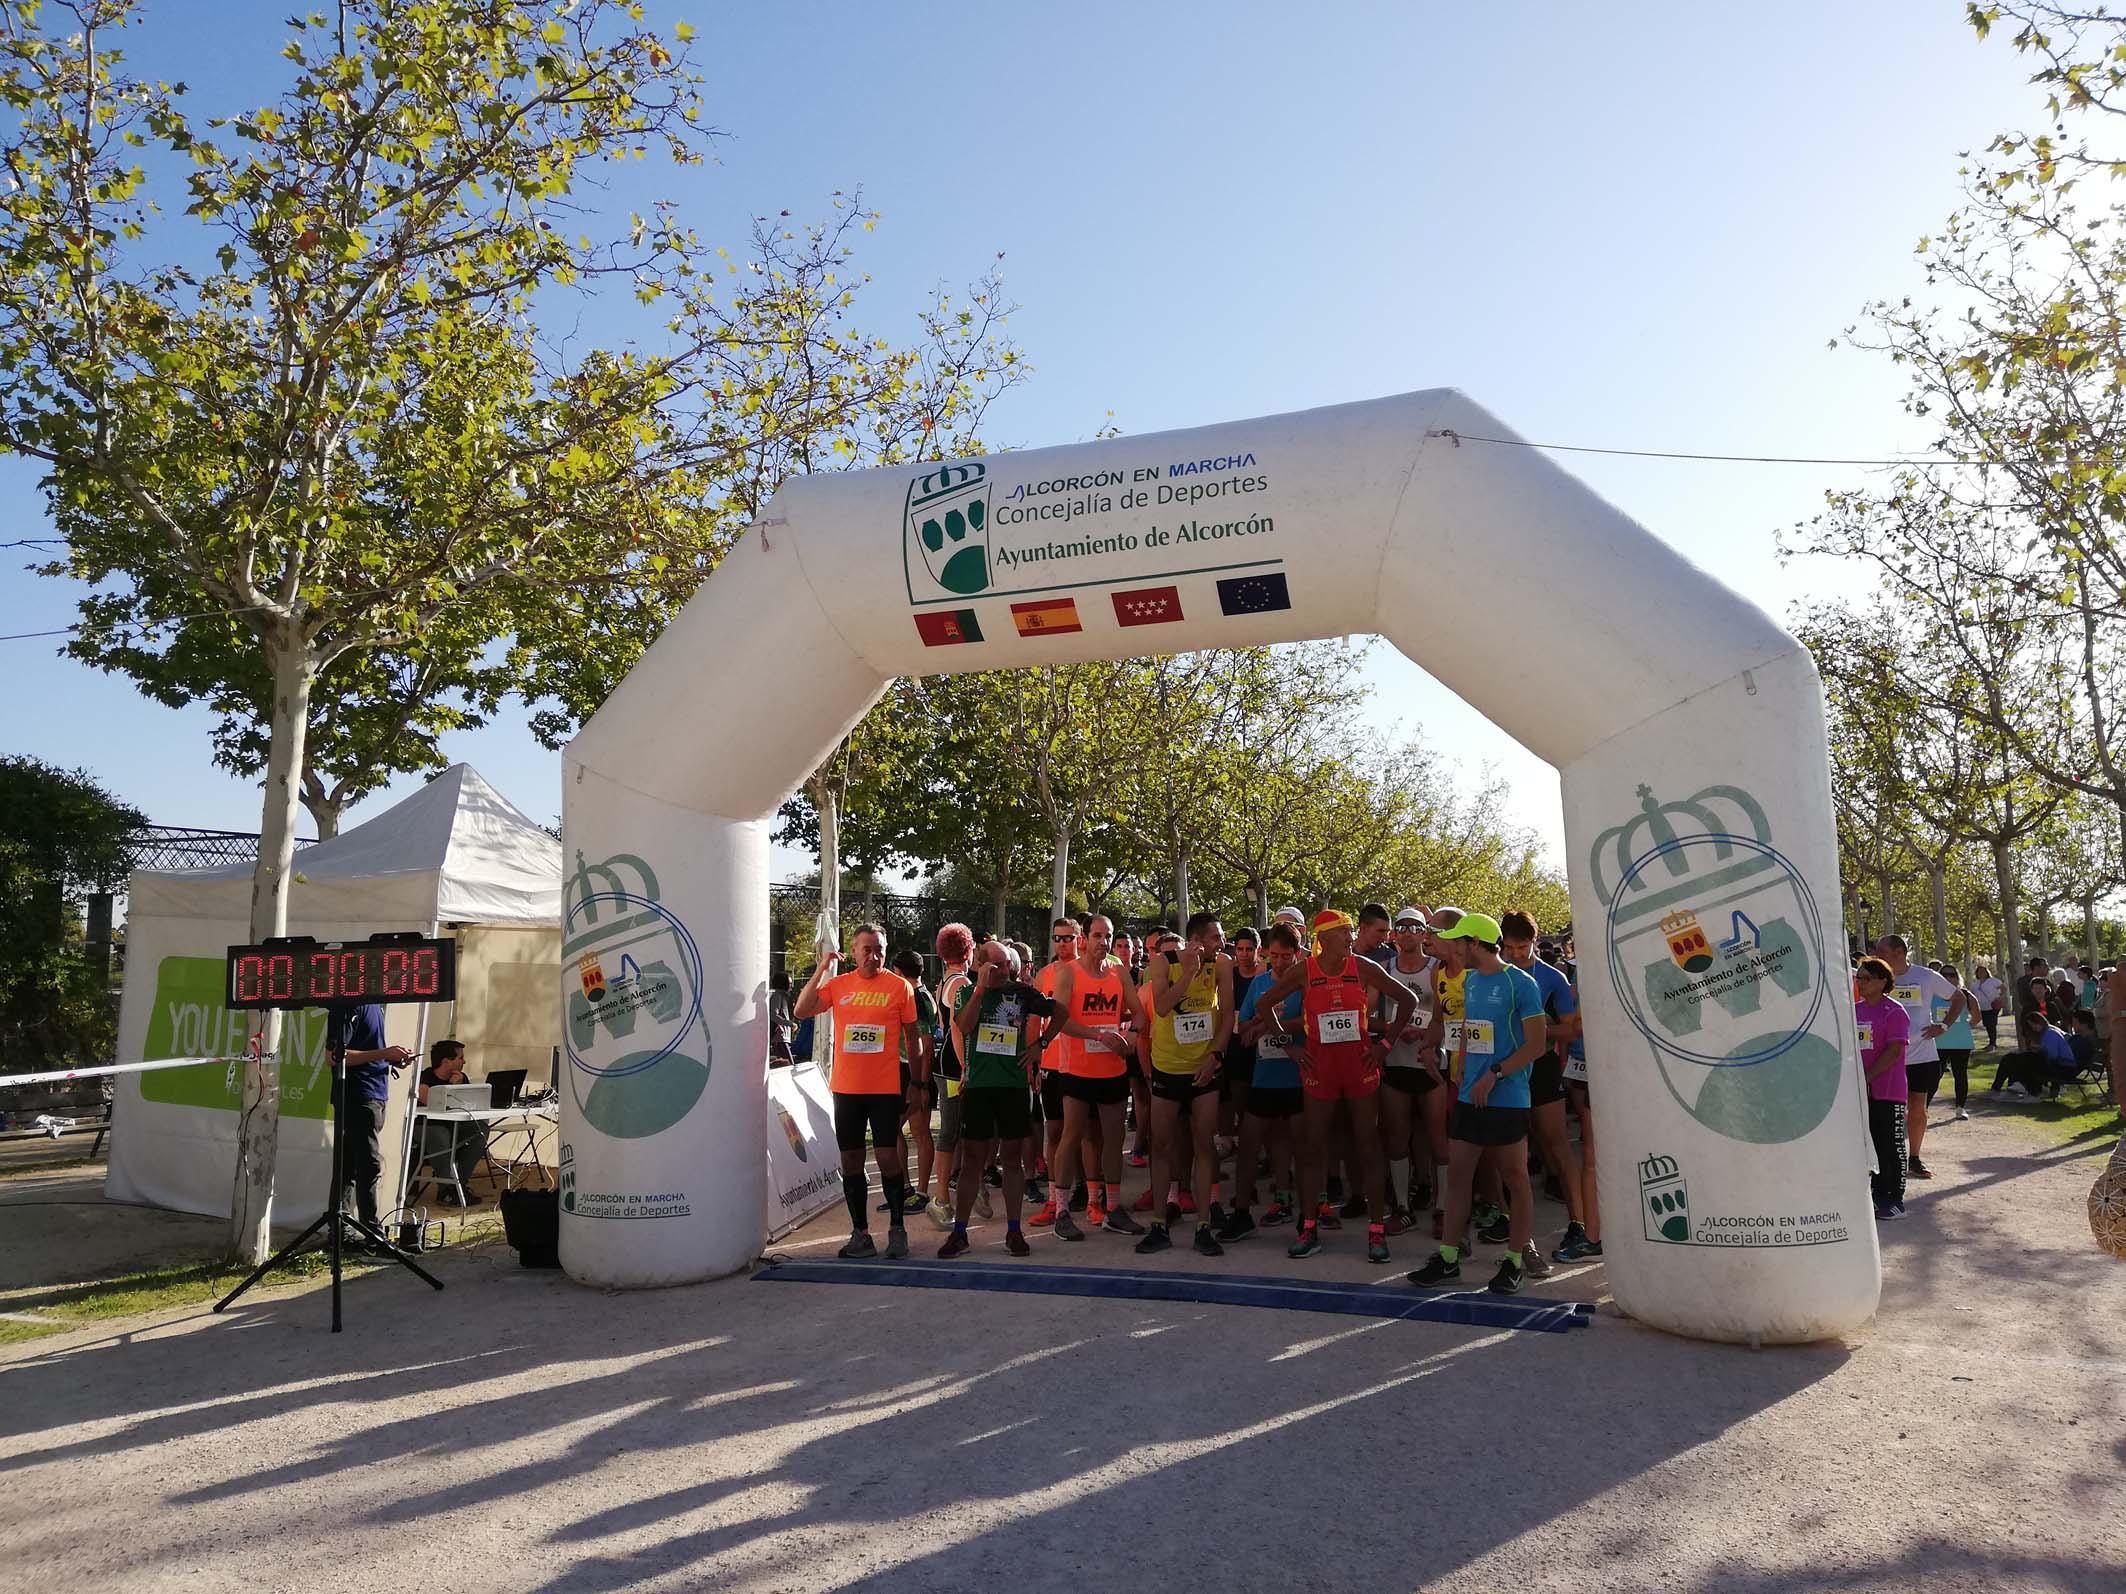 Trágico túnel Violar  Nuevo éxito de corredores y solidaridad en la Carrera Párkinson Sin Límites